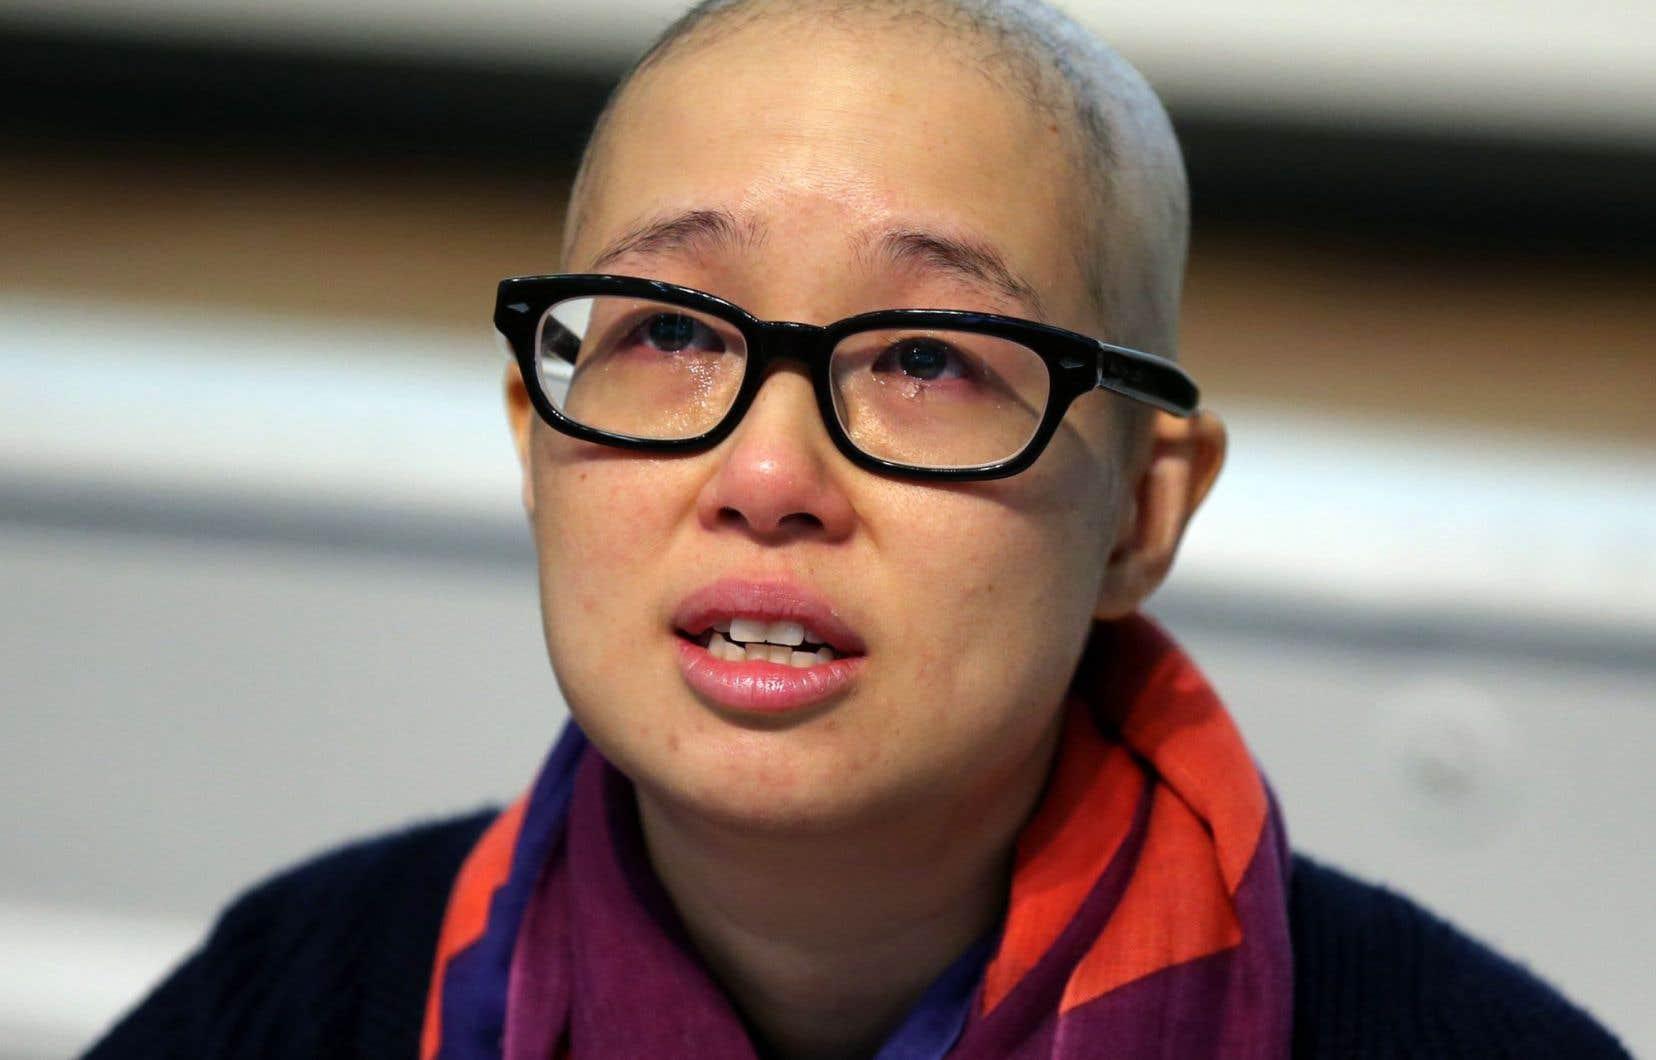 Atteinte d'une leucémie, Mai Duong recevra finalement une greffe de sang de cordon ombilical.